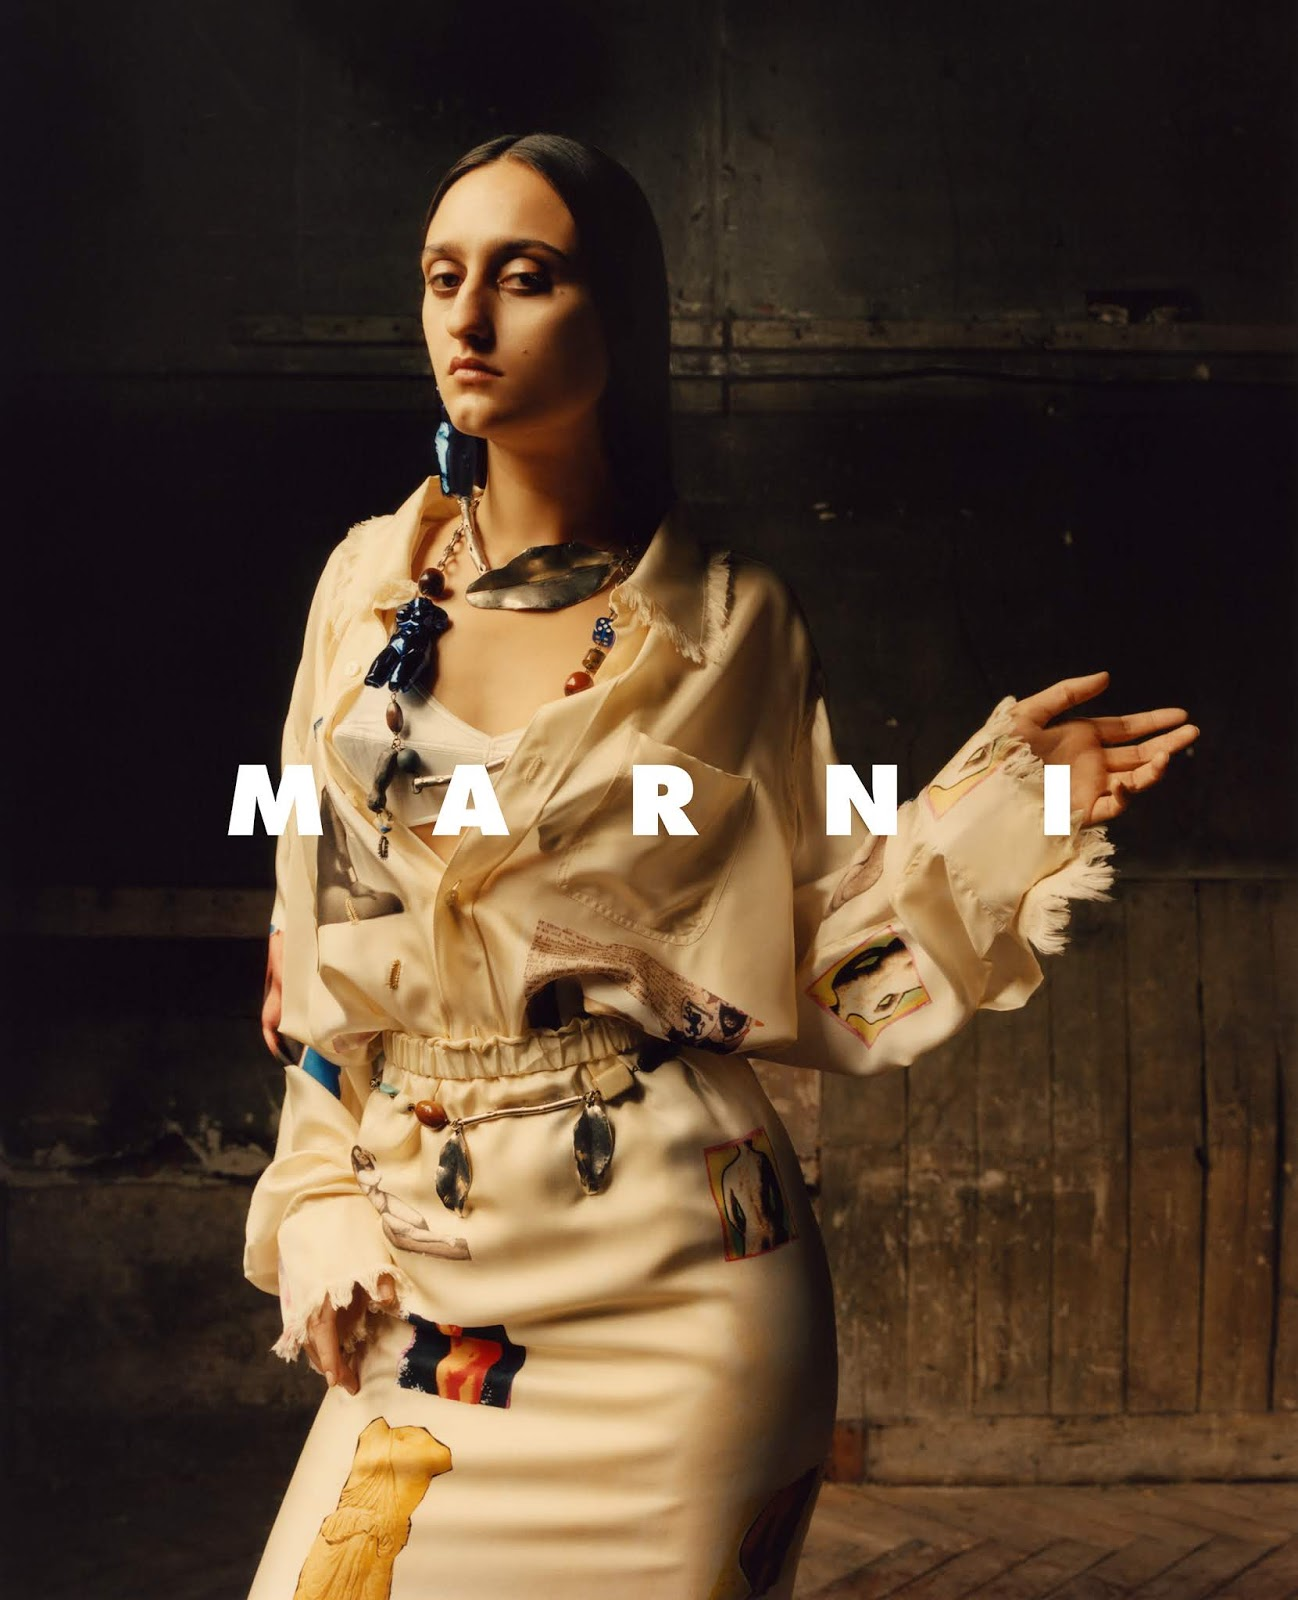 Ad Campaign Marni 3.jpg